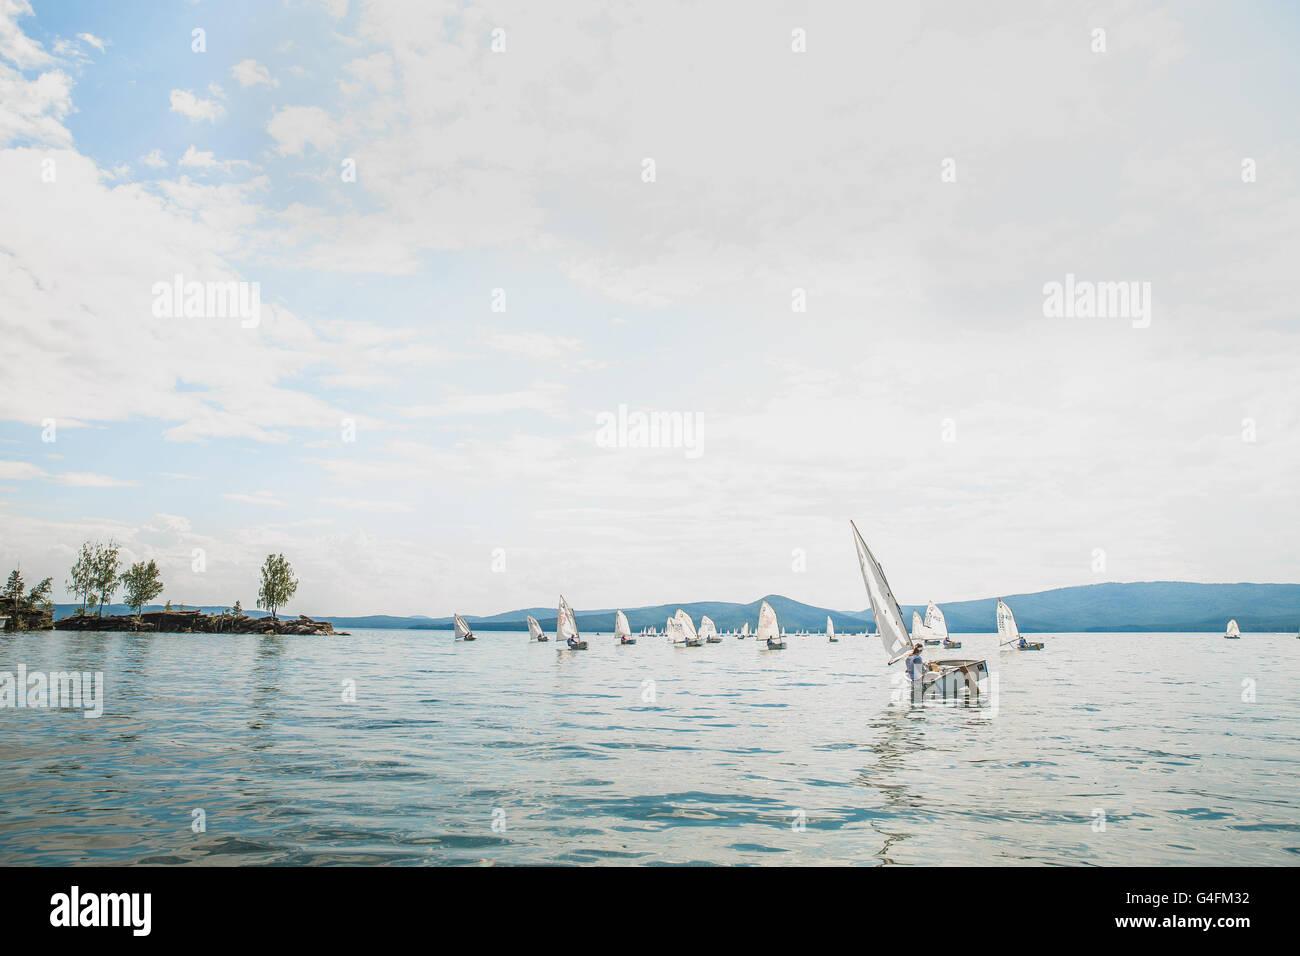 Gruppe junger Sportler auf Boote der Optimist-Klasse Segeln auf See Cup Regatta Fyodor Konyuhov Stockbild